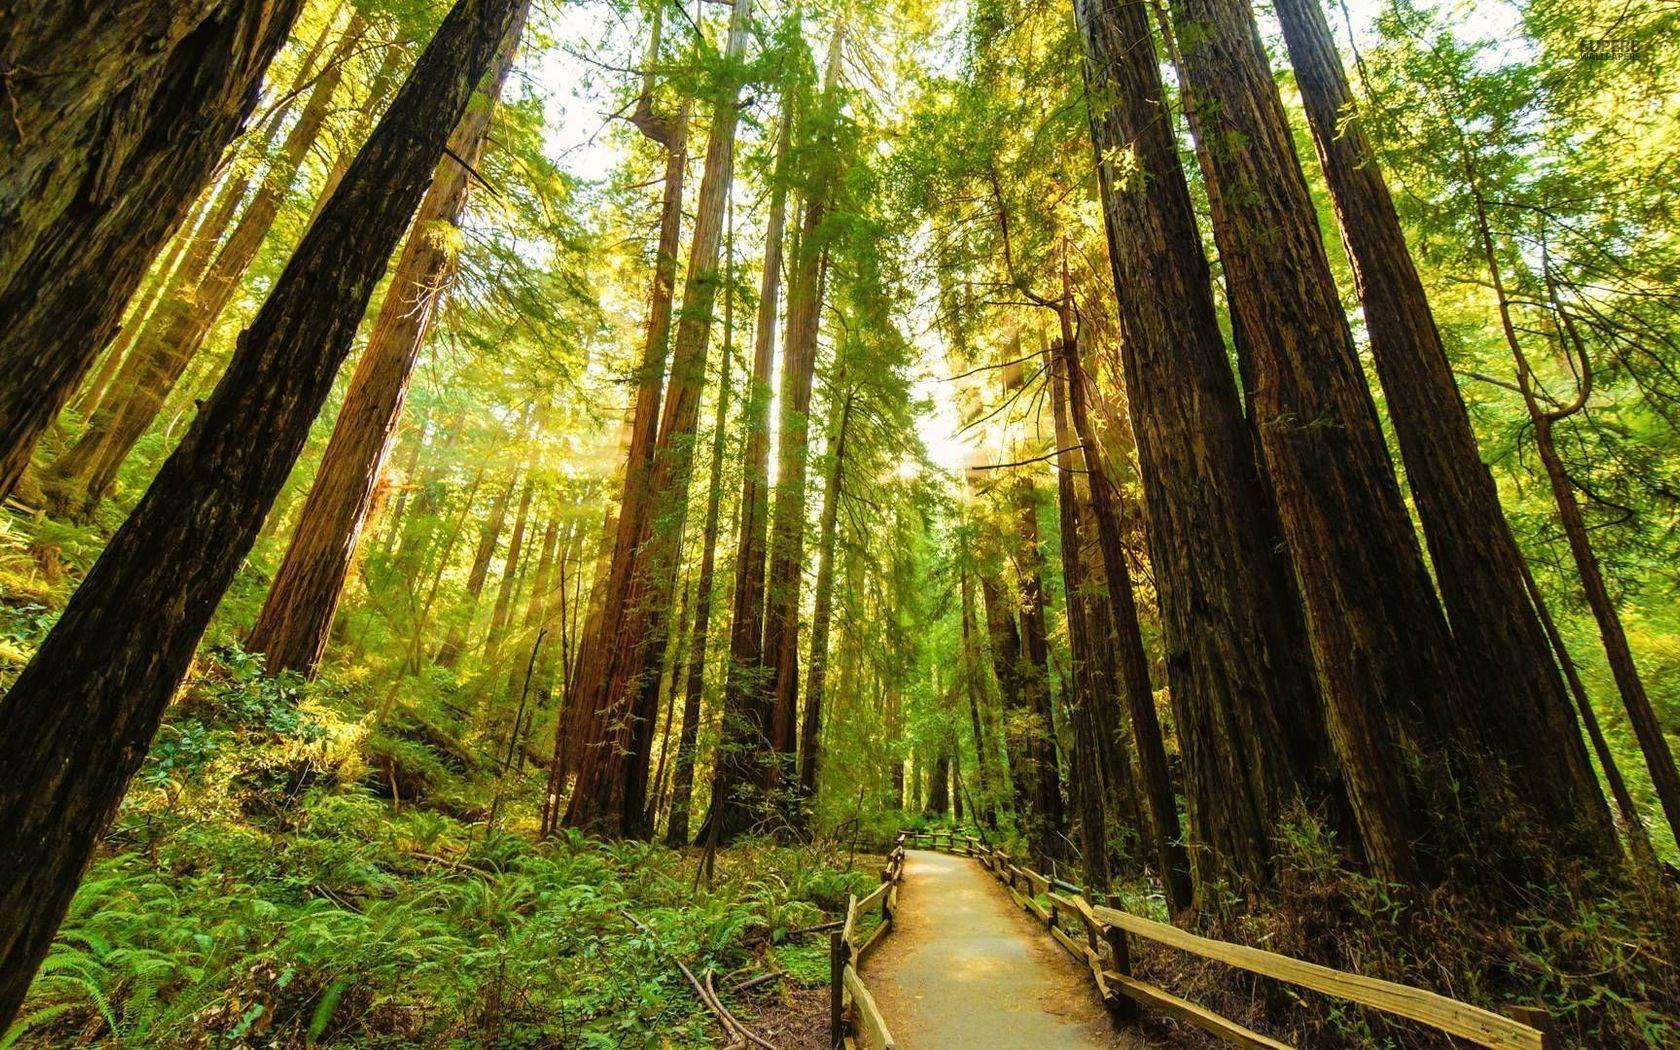 Redwood Desktop Wallpapers   Top Redwood Desktop Backgrounds 1680x1050